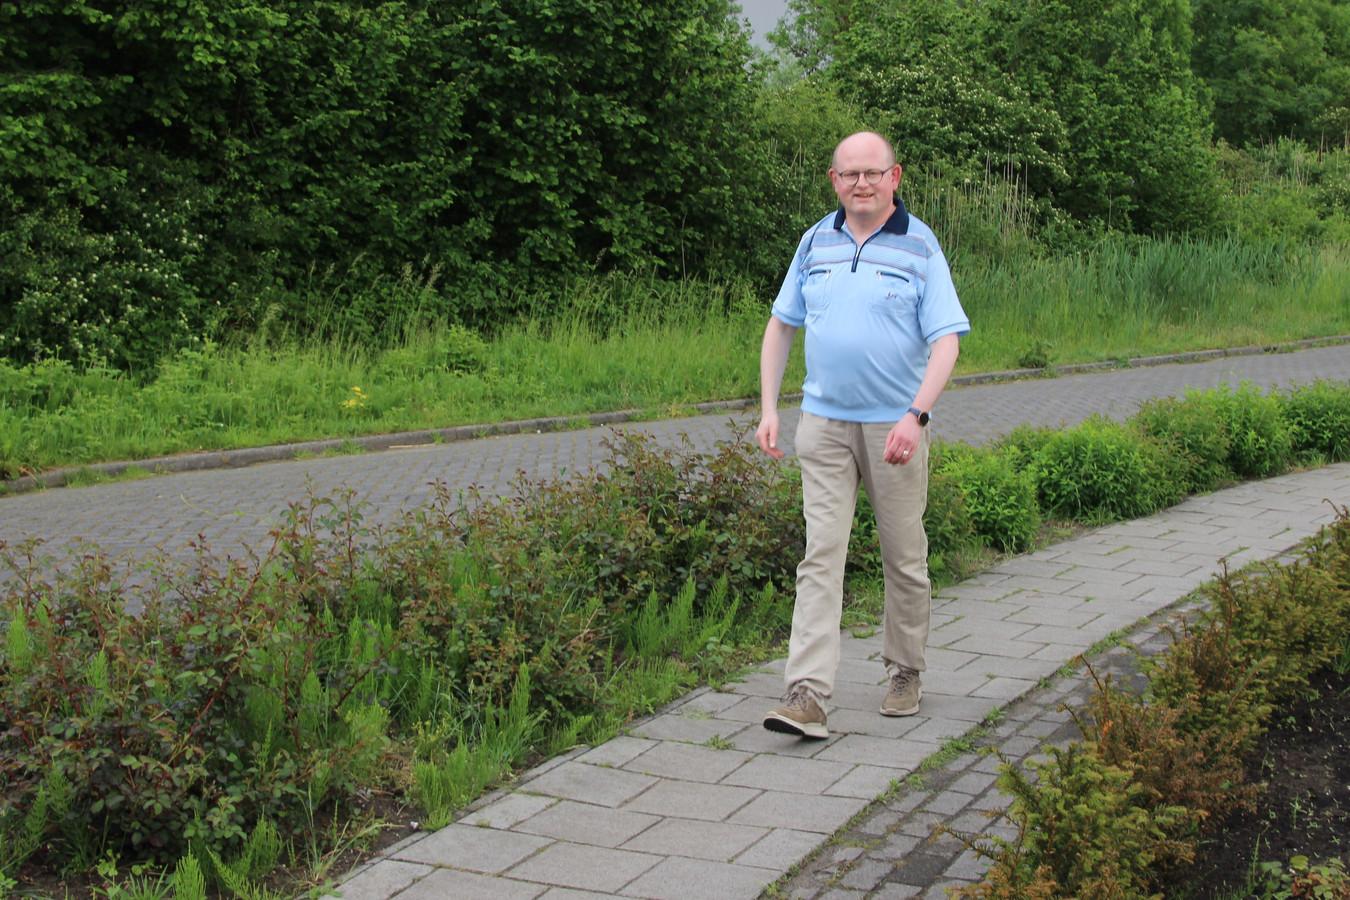 Ronald van Venrooij heeft zin in zijn trektocht, maar dicht bij huis vindt hij het ook leuk wandelen.